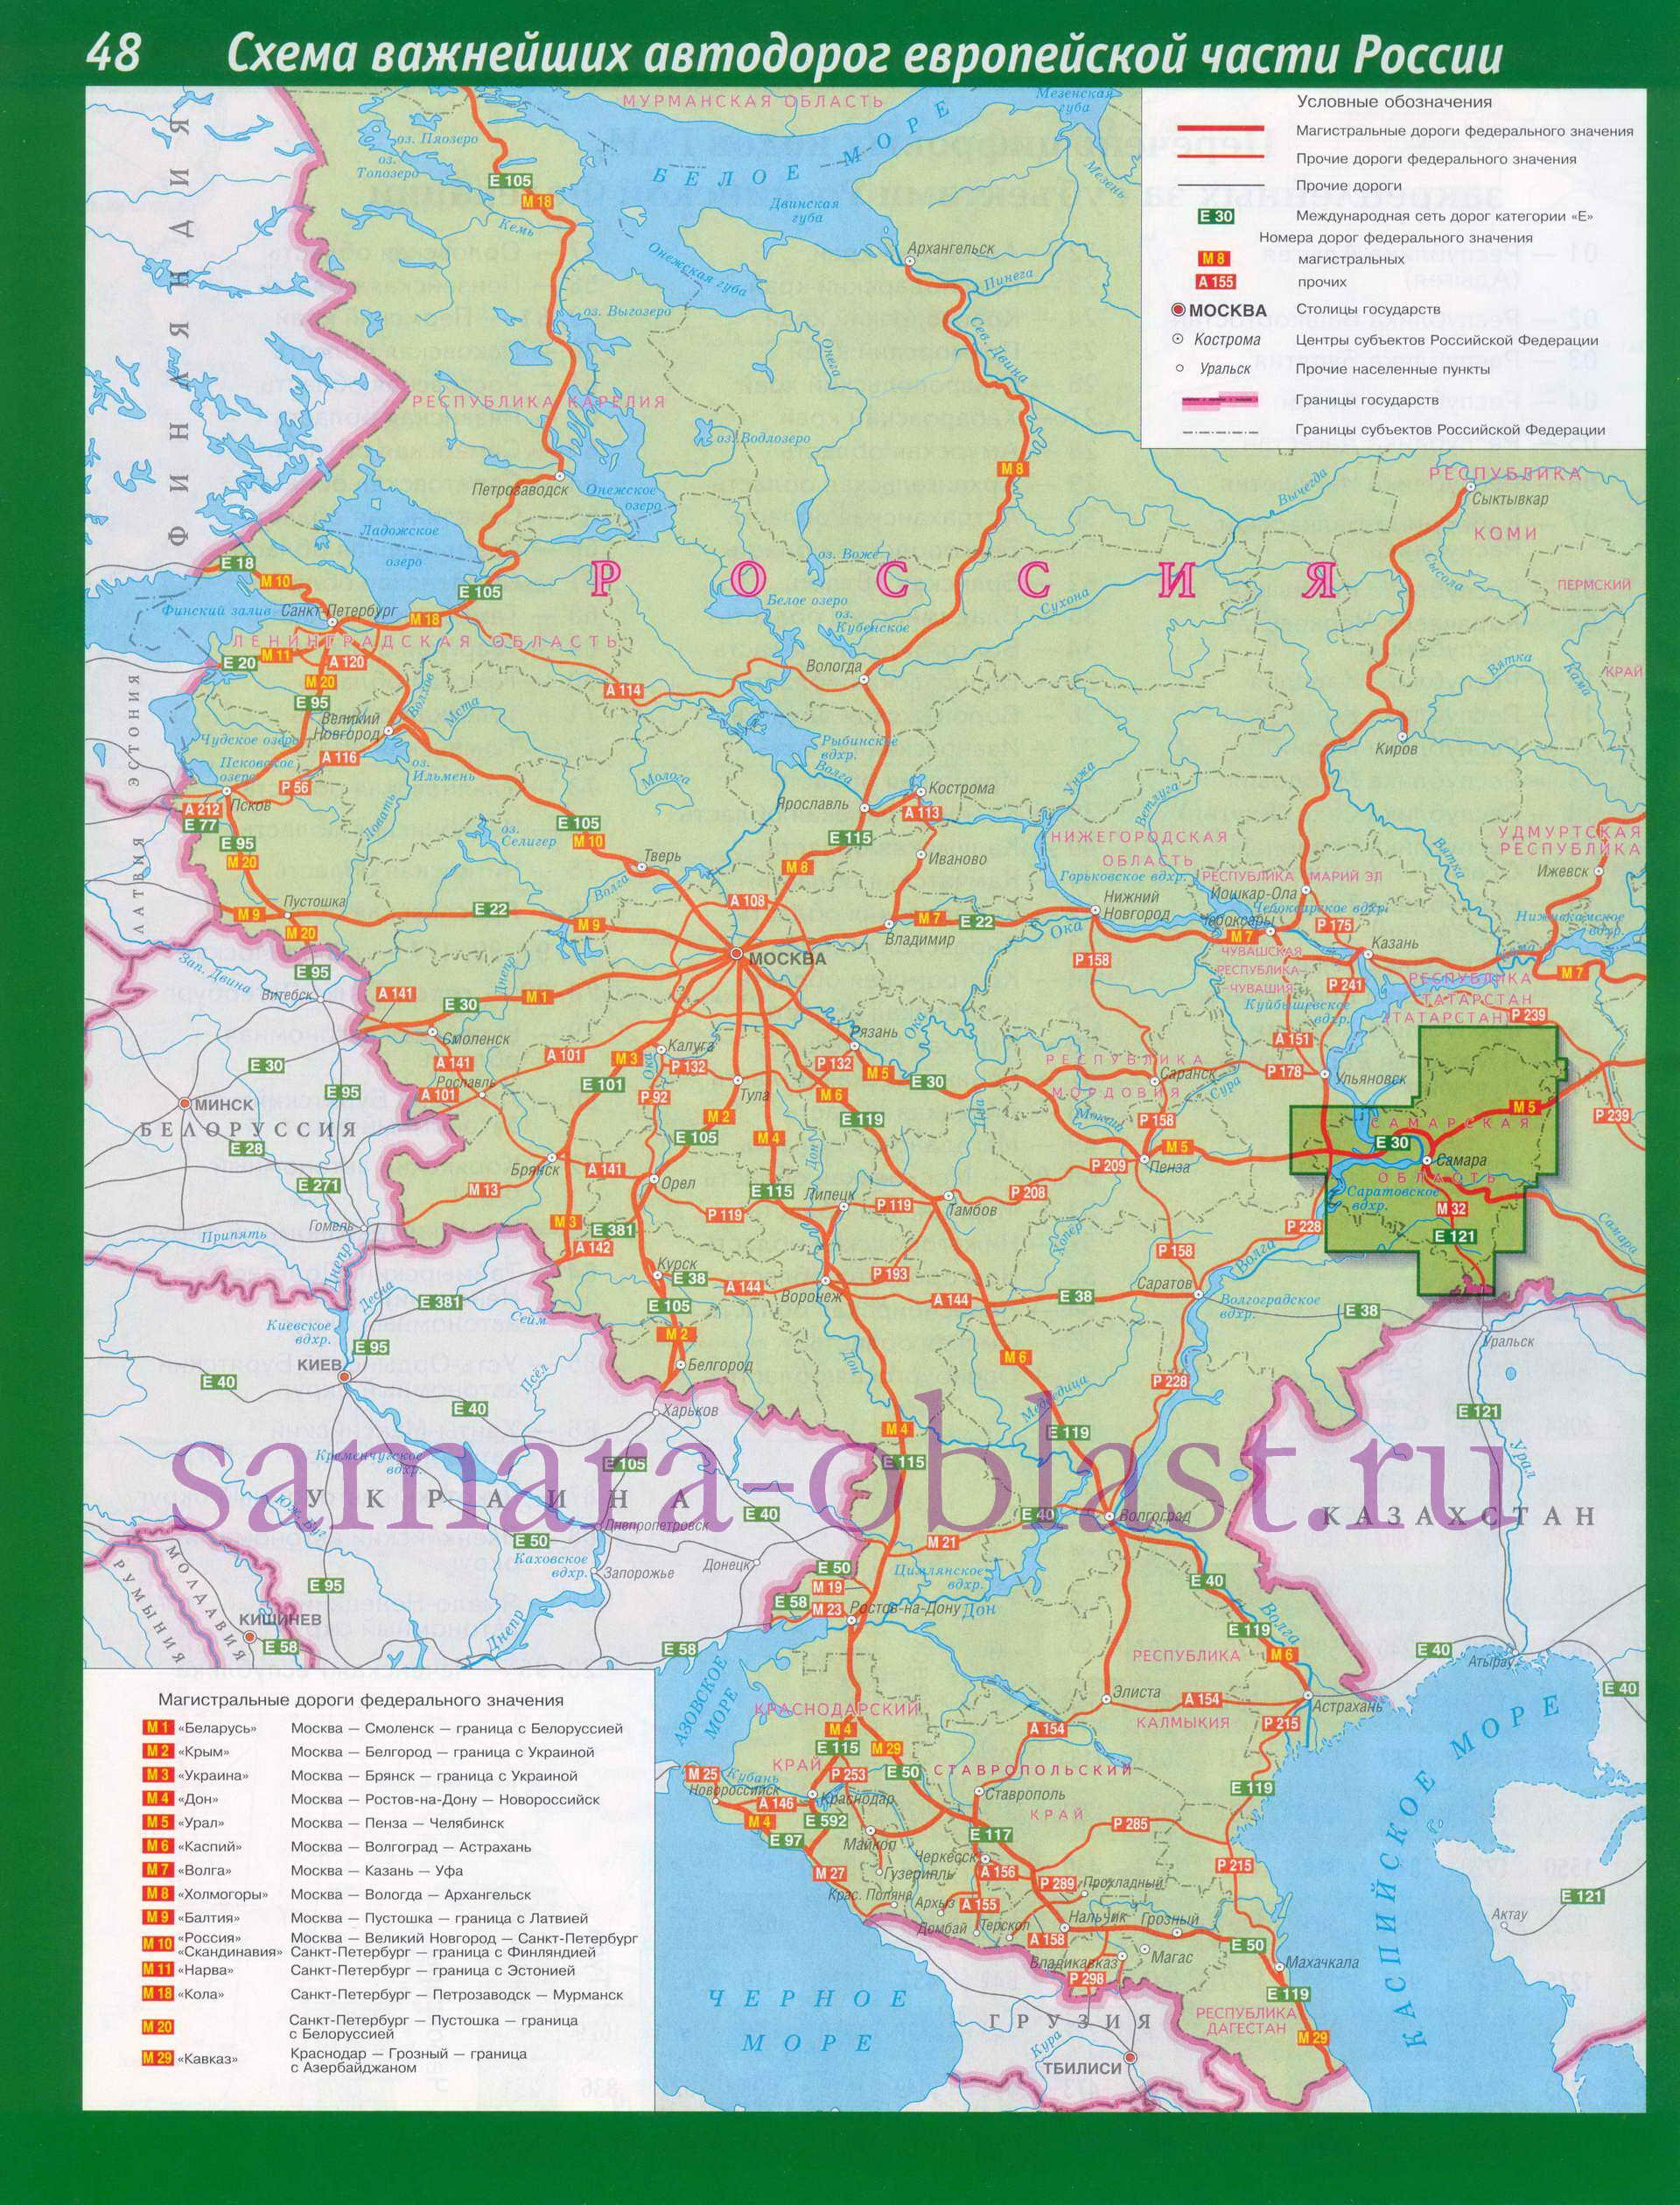 Карта схема автодорог европейской части России.  Автомобильные трассы России от Балтики до Каспия.